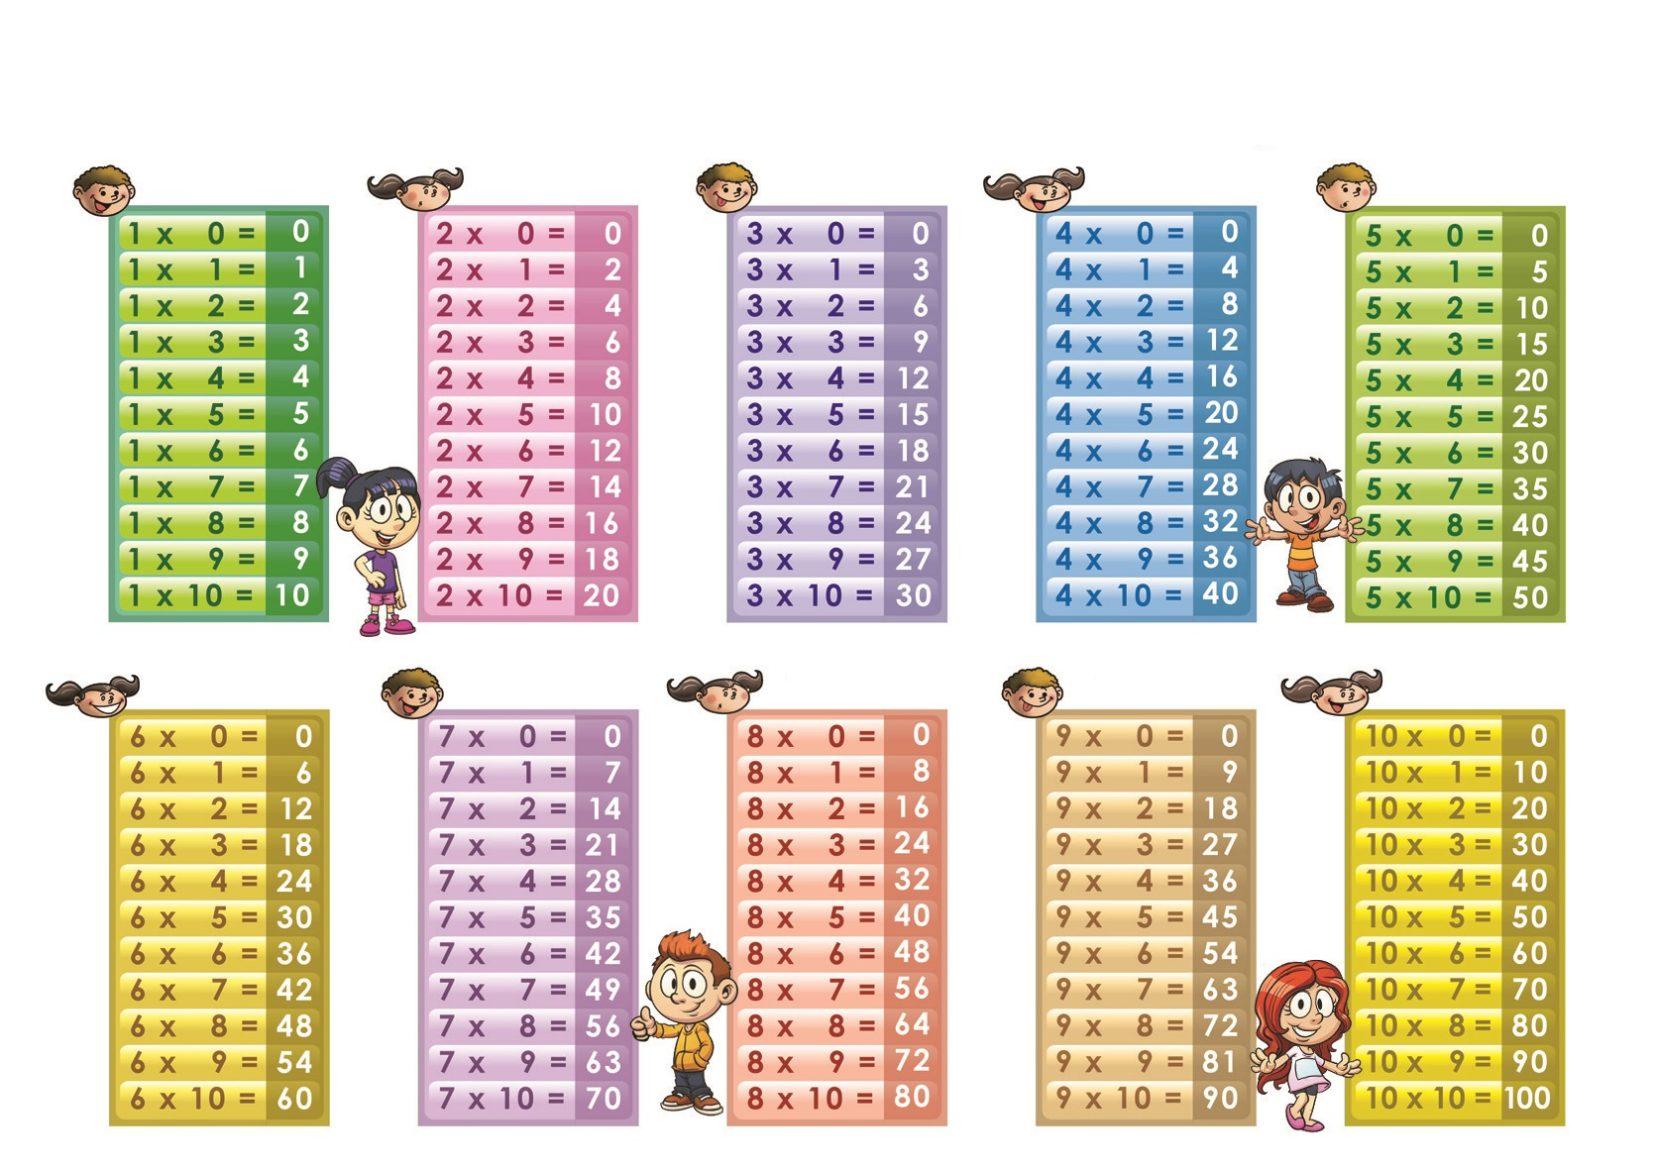 Multiplication 1 12 Worksheet 25 | Printable Worksheets And throughout Printable Multiplication Table 1-20 Pdf